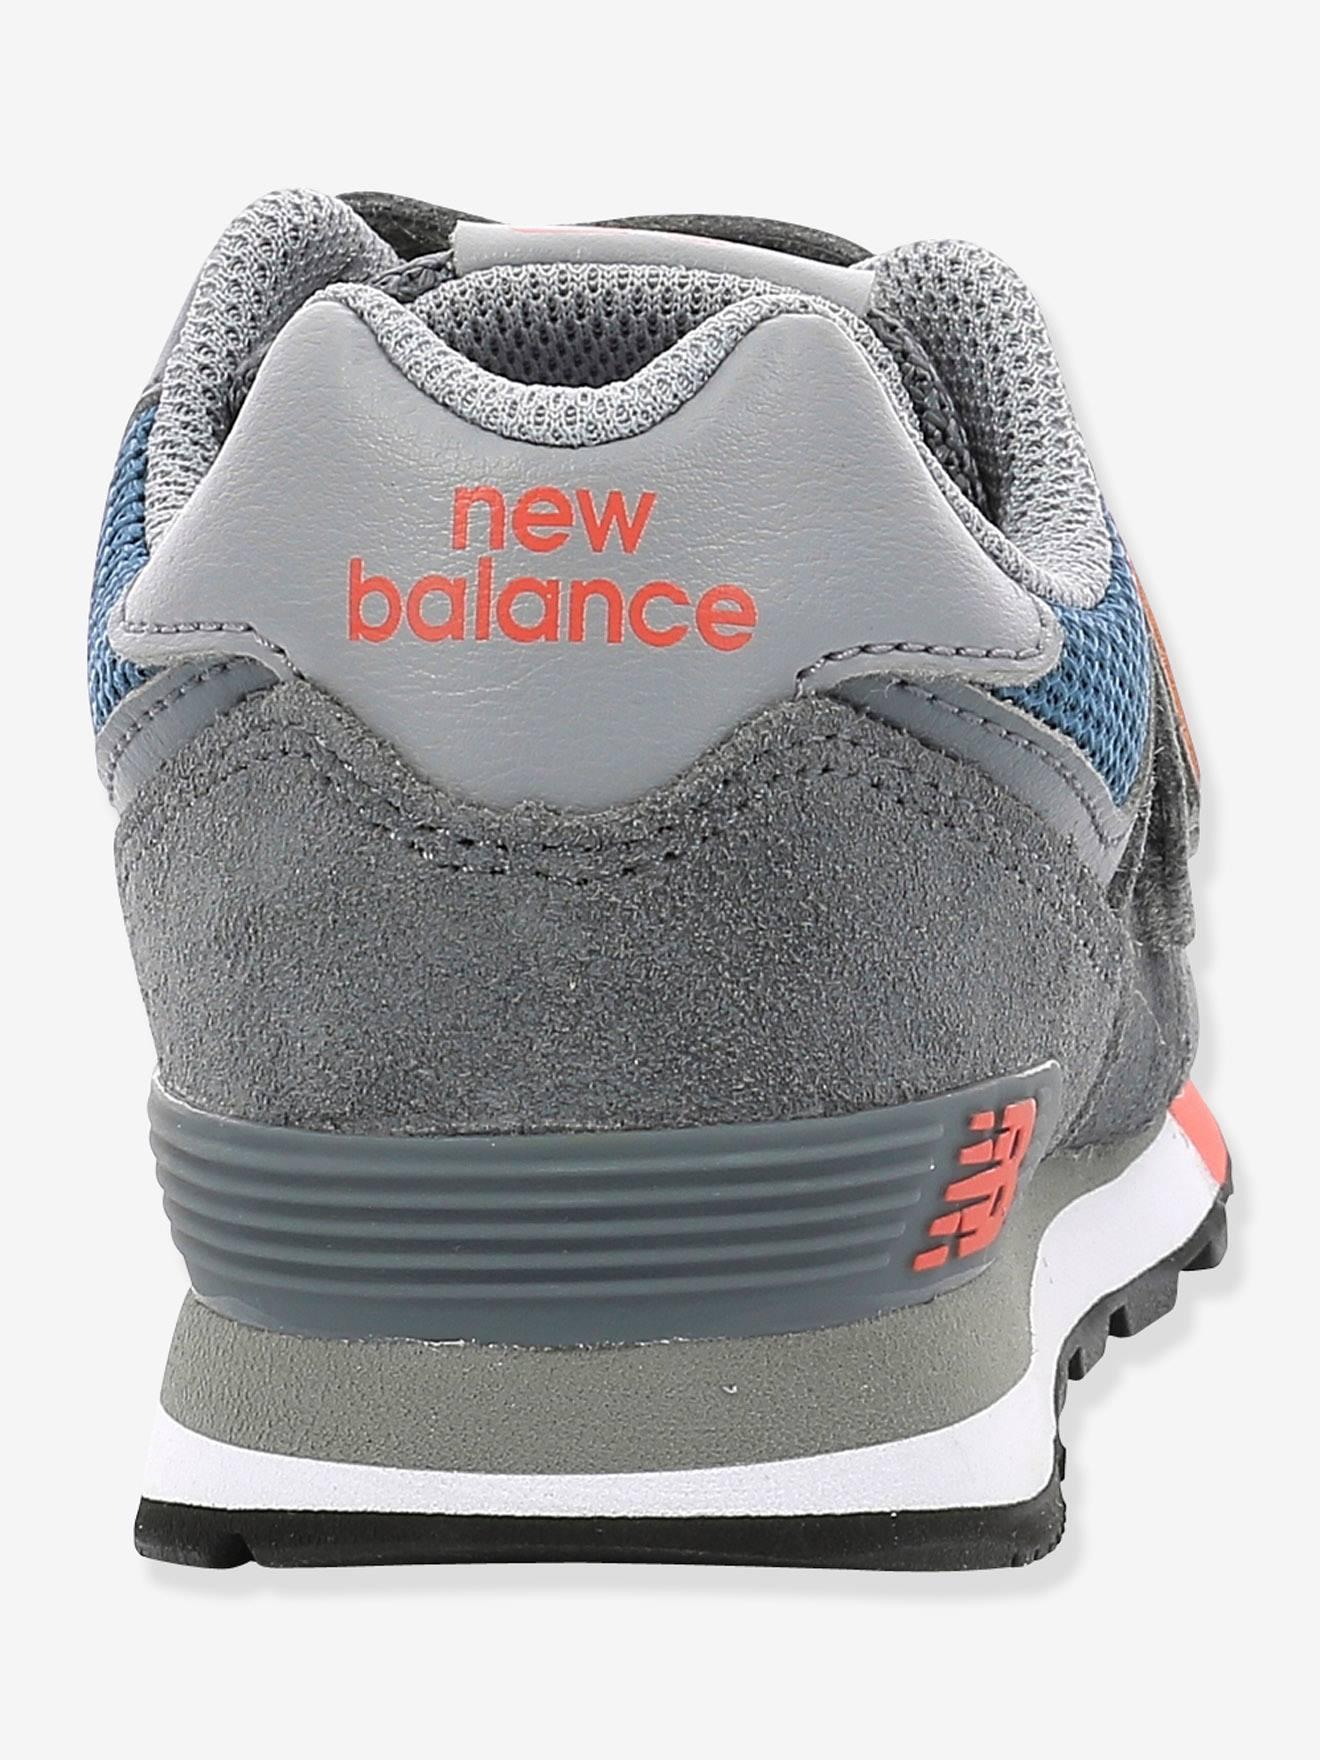 baskets garçon 31 new balance